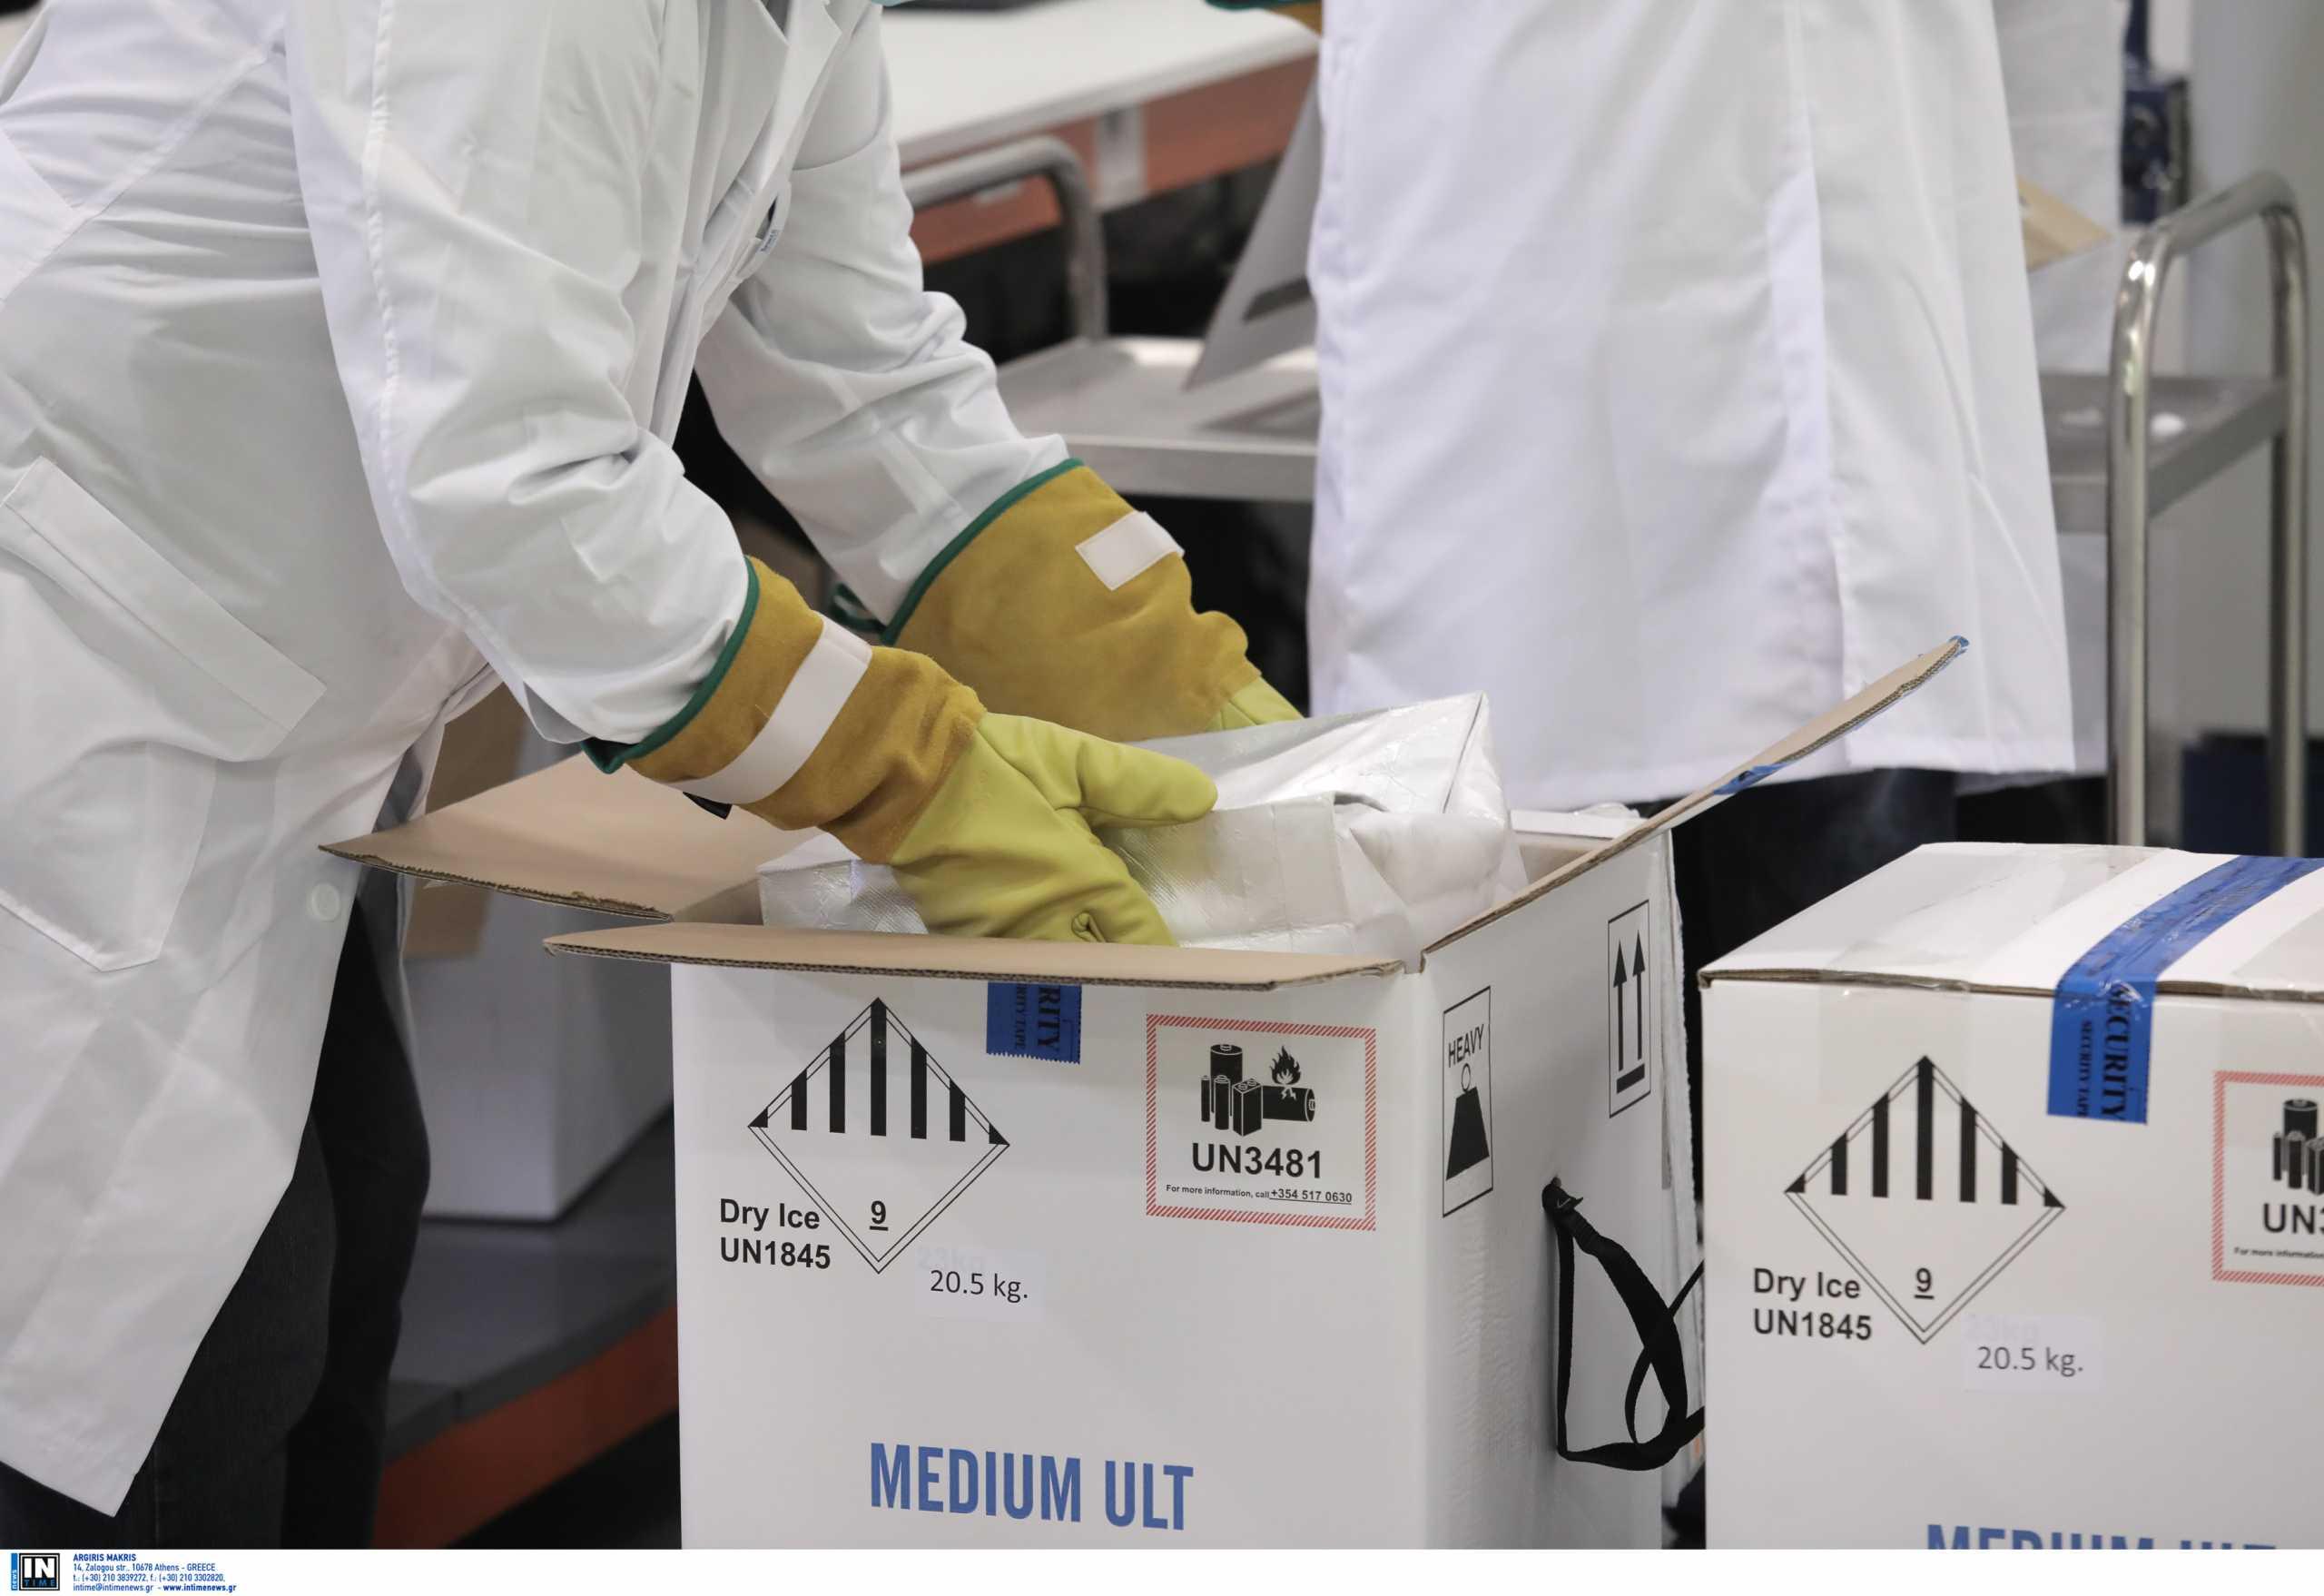 Κορονοϊός: Η Ολλανδία παραδέχεται πως ήταν ανέτοιμη για τους εμβολιασμούς